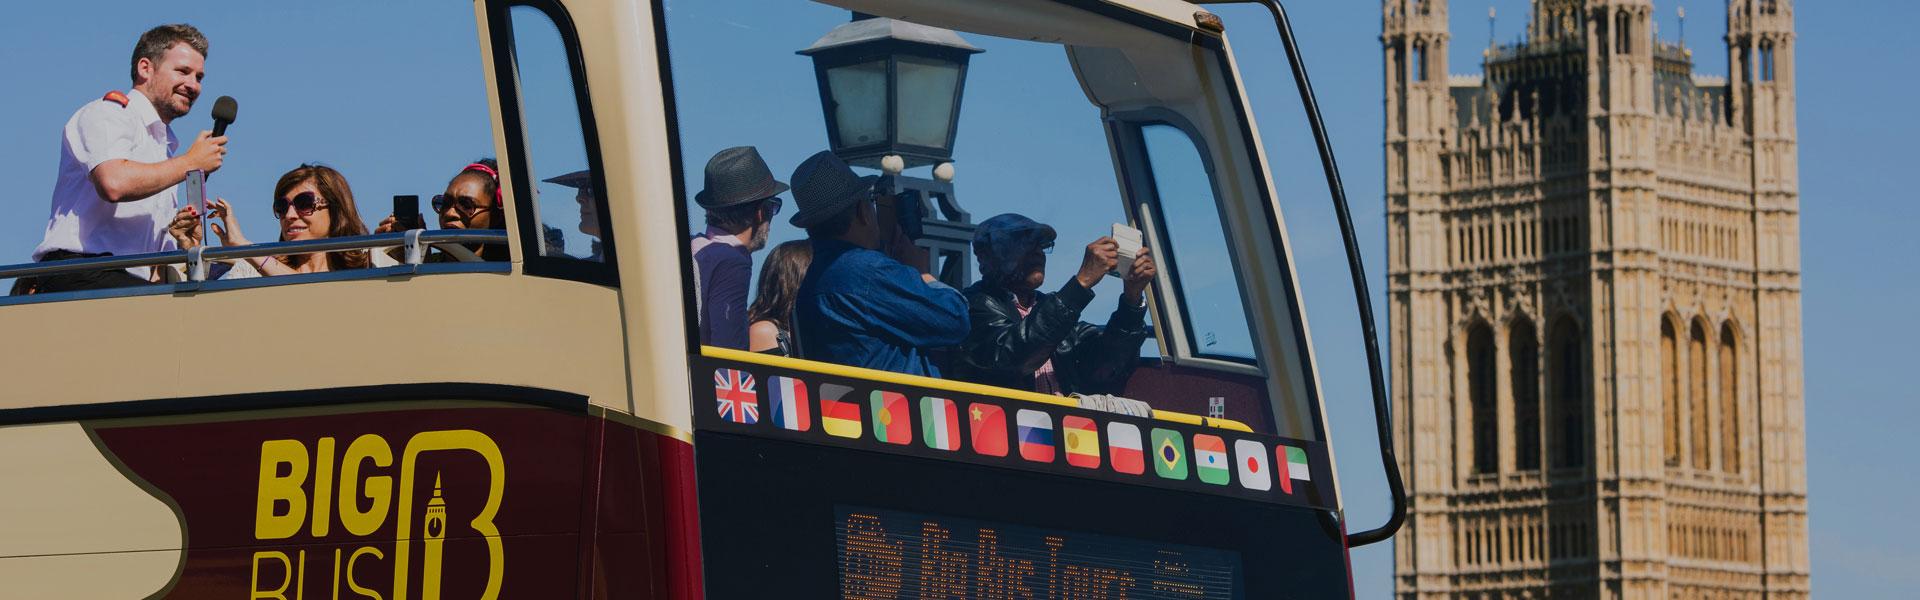 Visite de Londres en bus découvert Big Bus